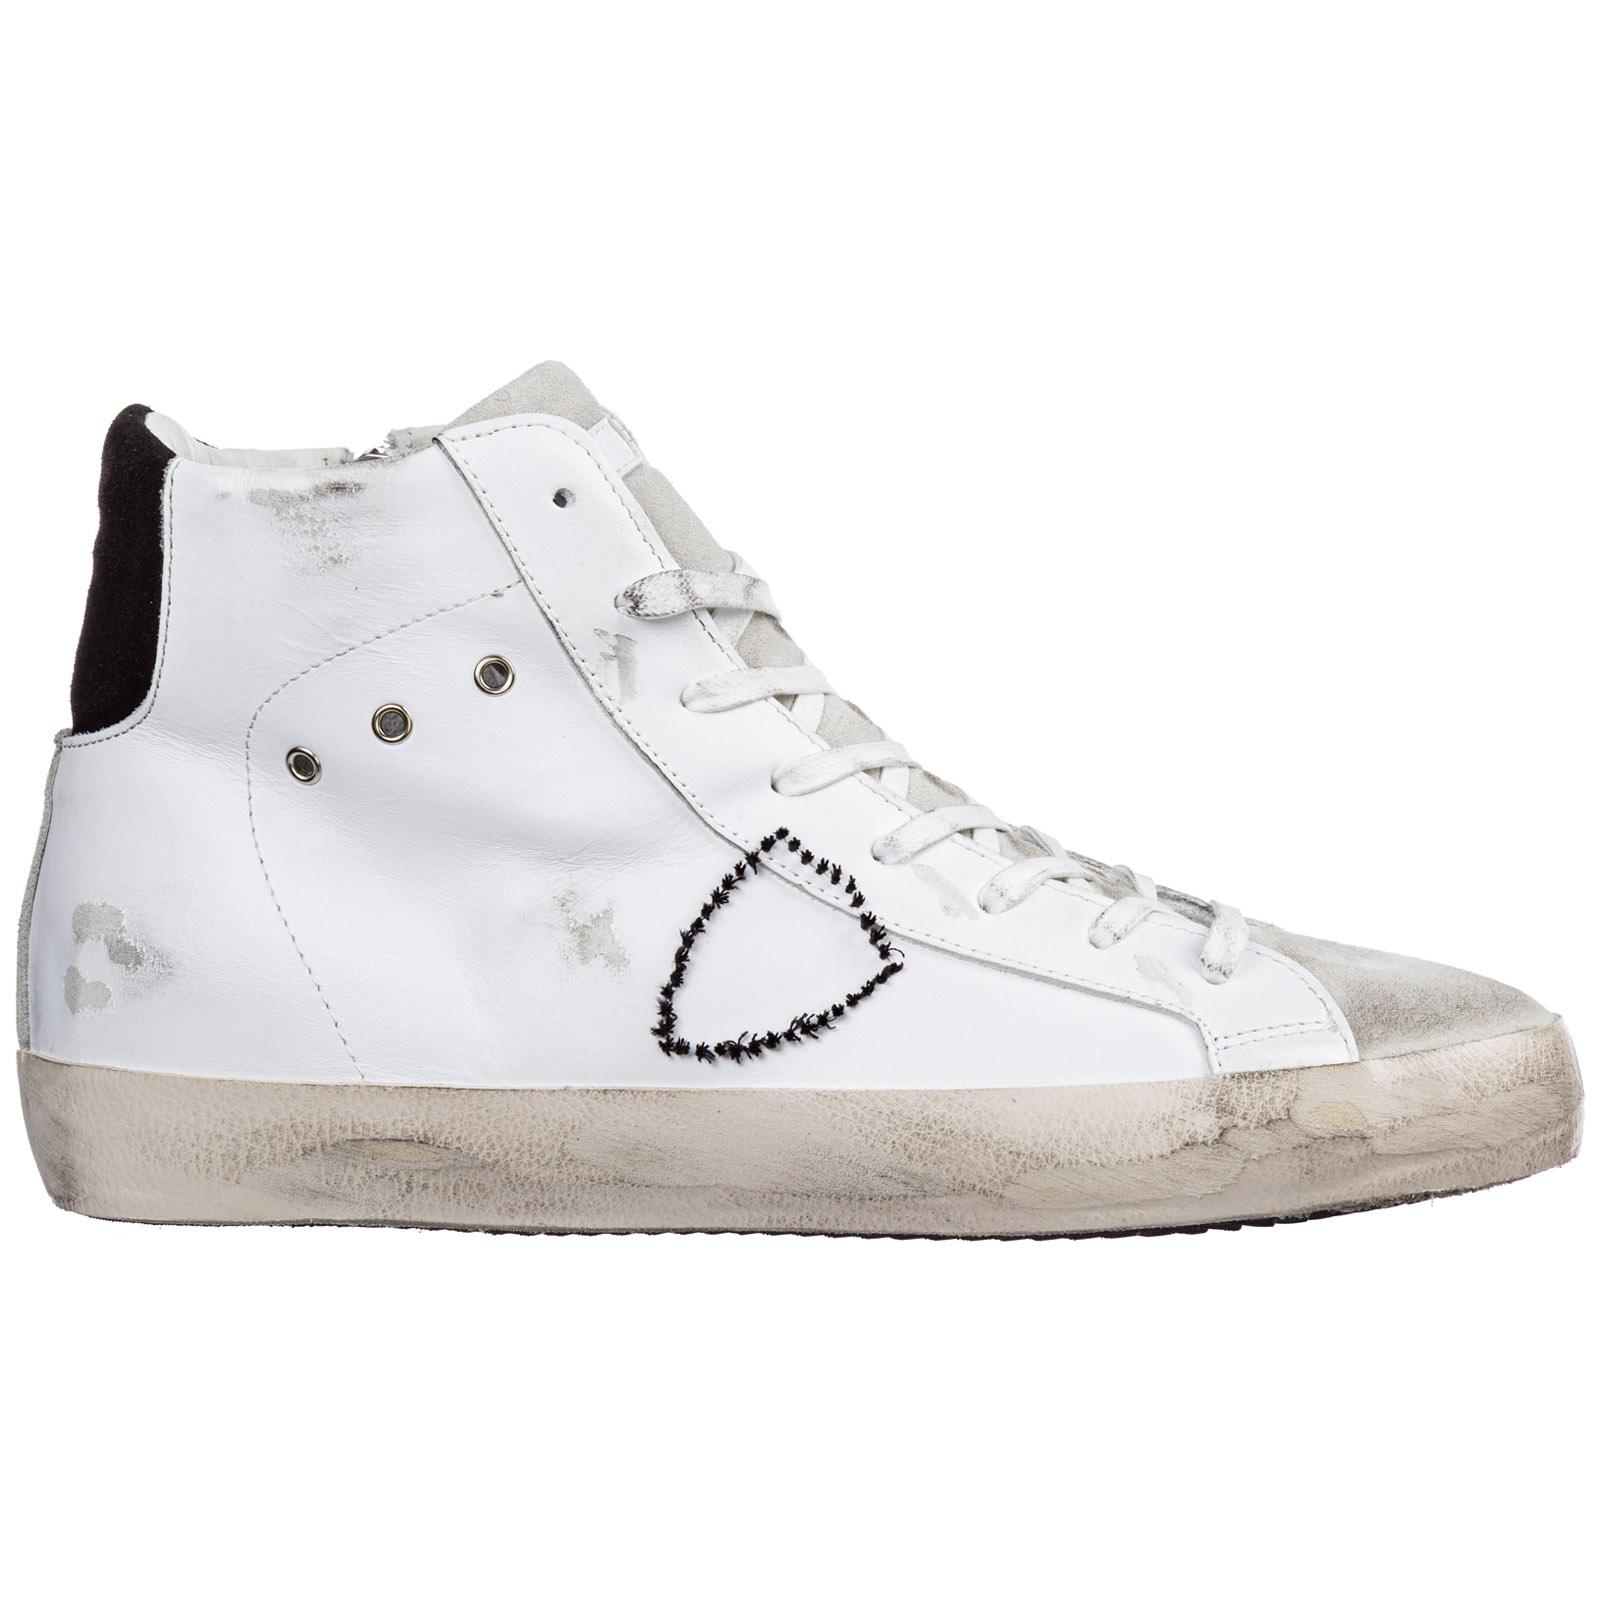 Chaussures baskets sneakers hautes homme en cuir paris